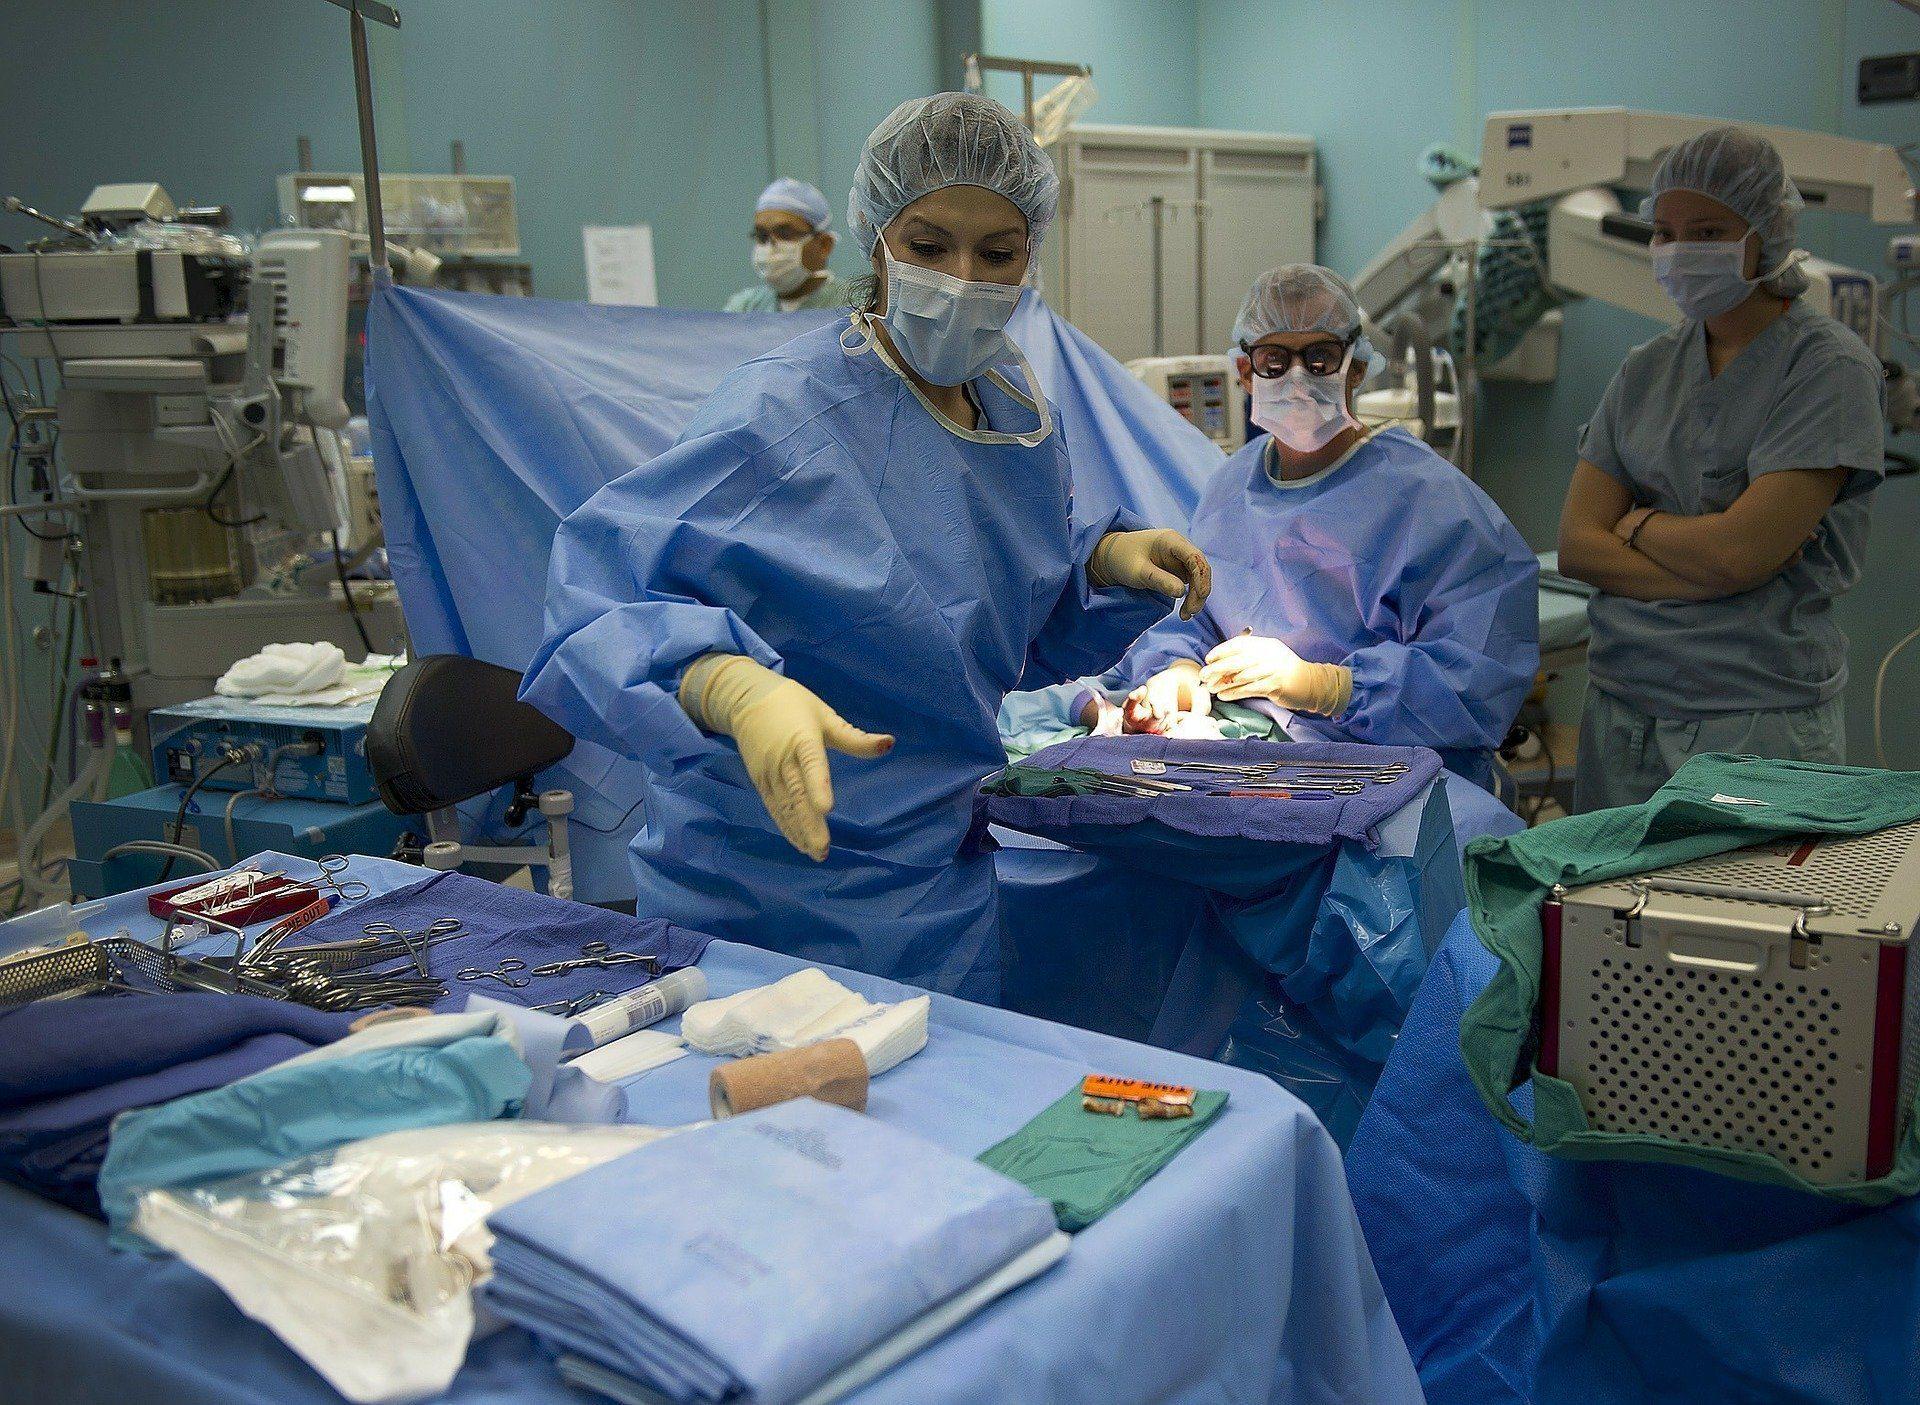 Pozostawienie ciała obcego w polu operacyjnym – roszczenia